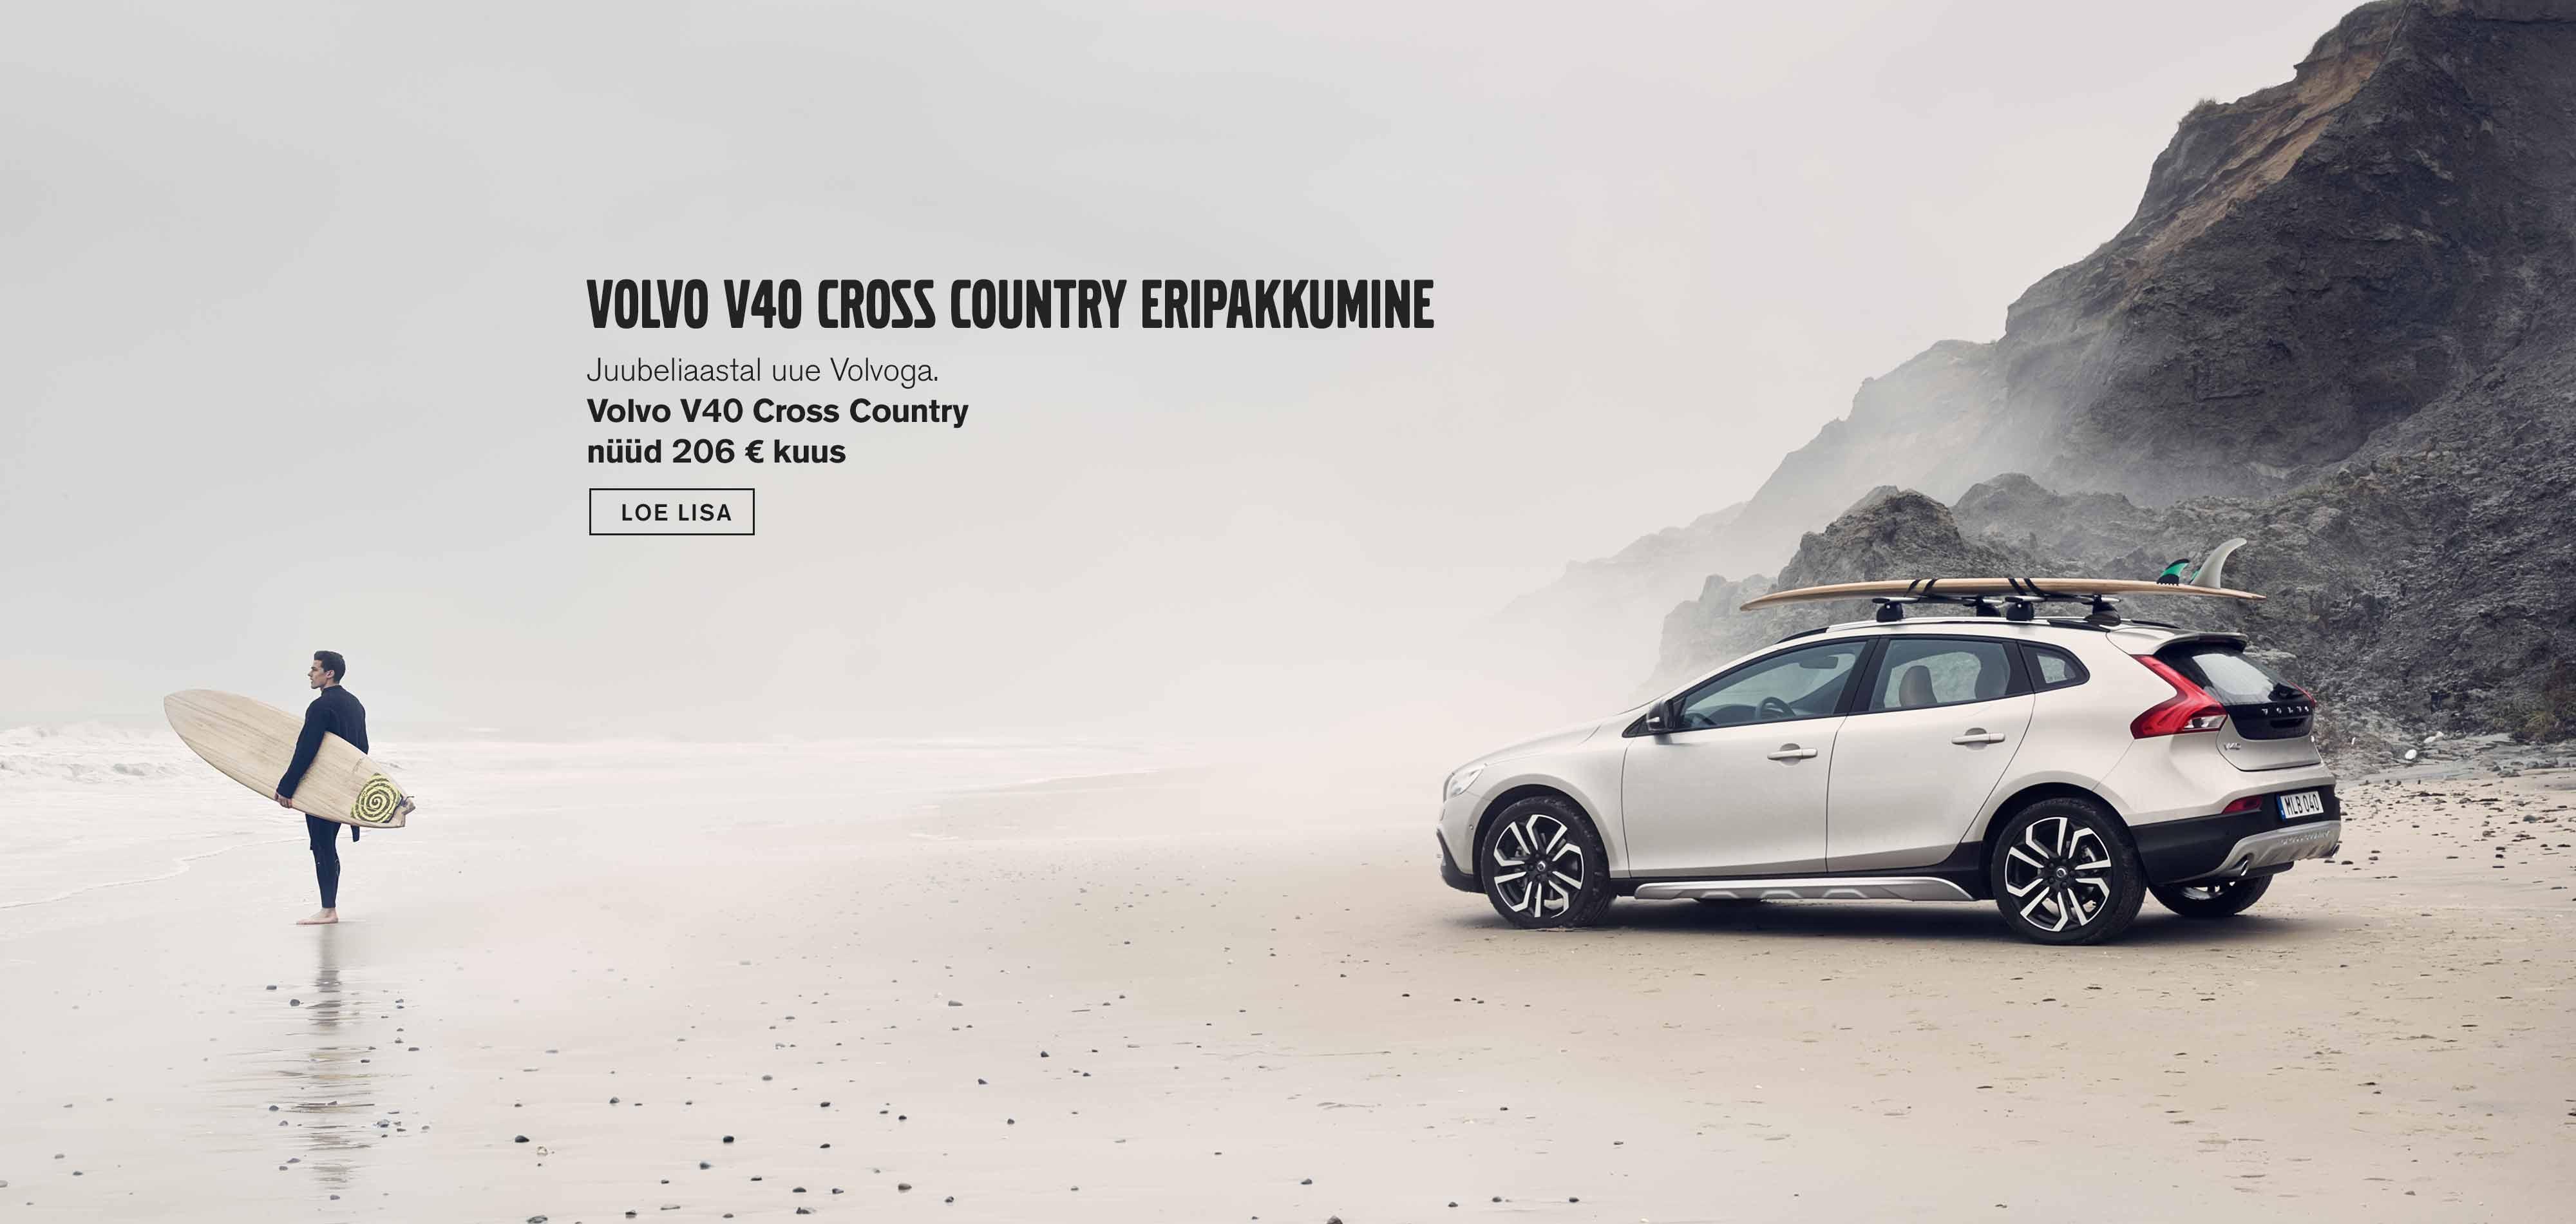 Volvo V40 Cross Country eripakkumine